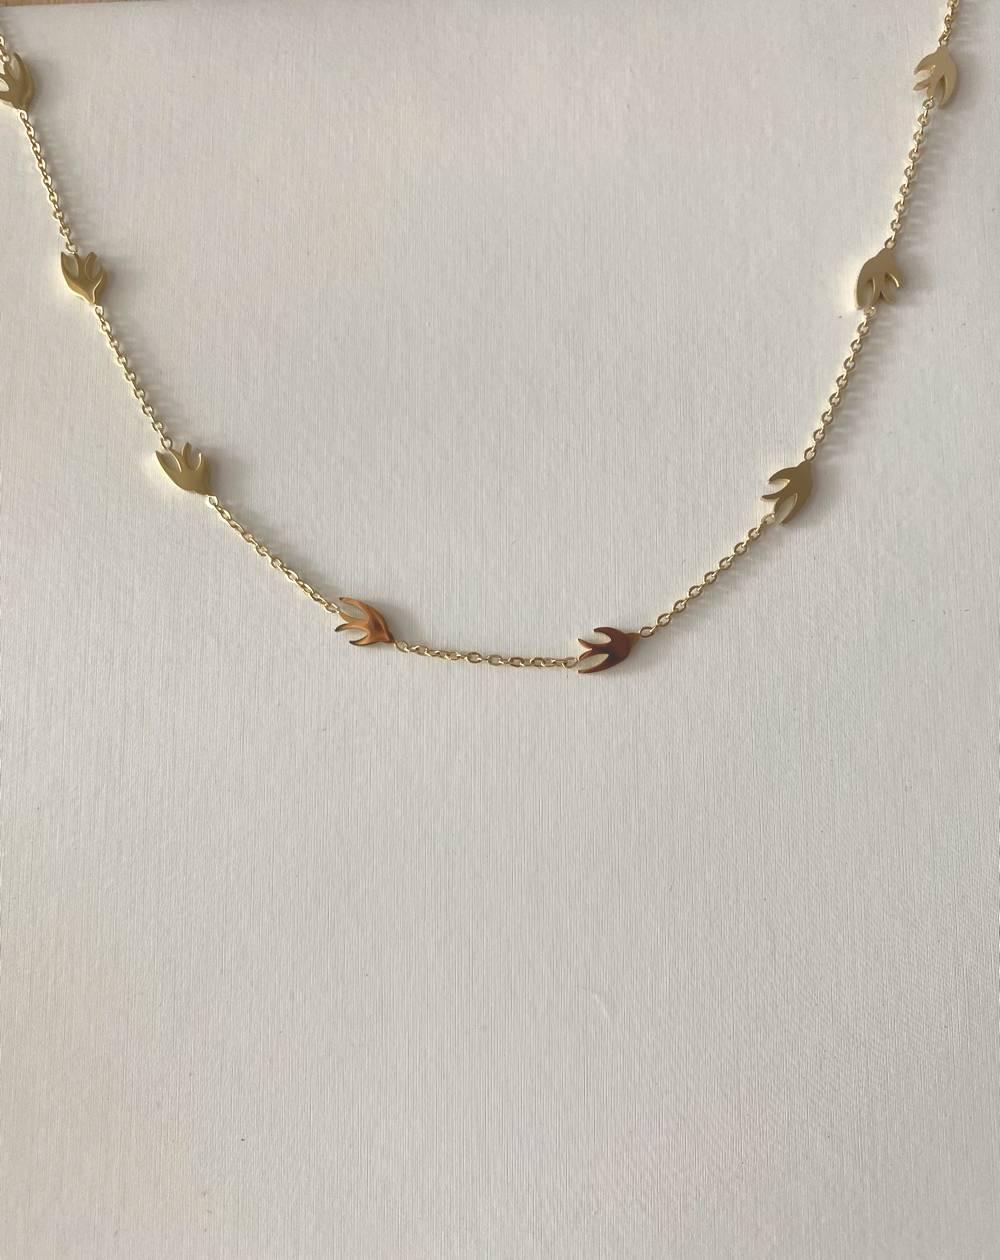 Collier chaîne aux hirondelles doré en acier inoxydable